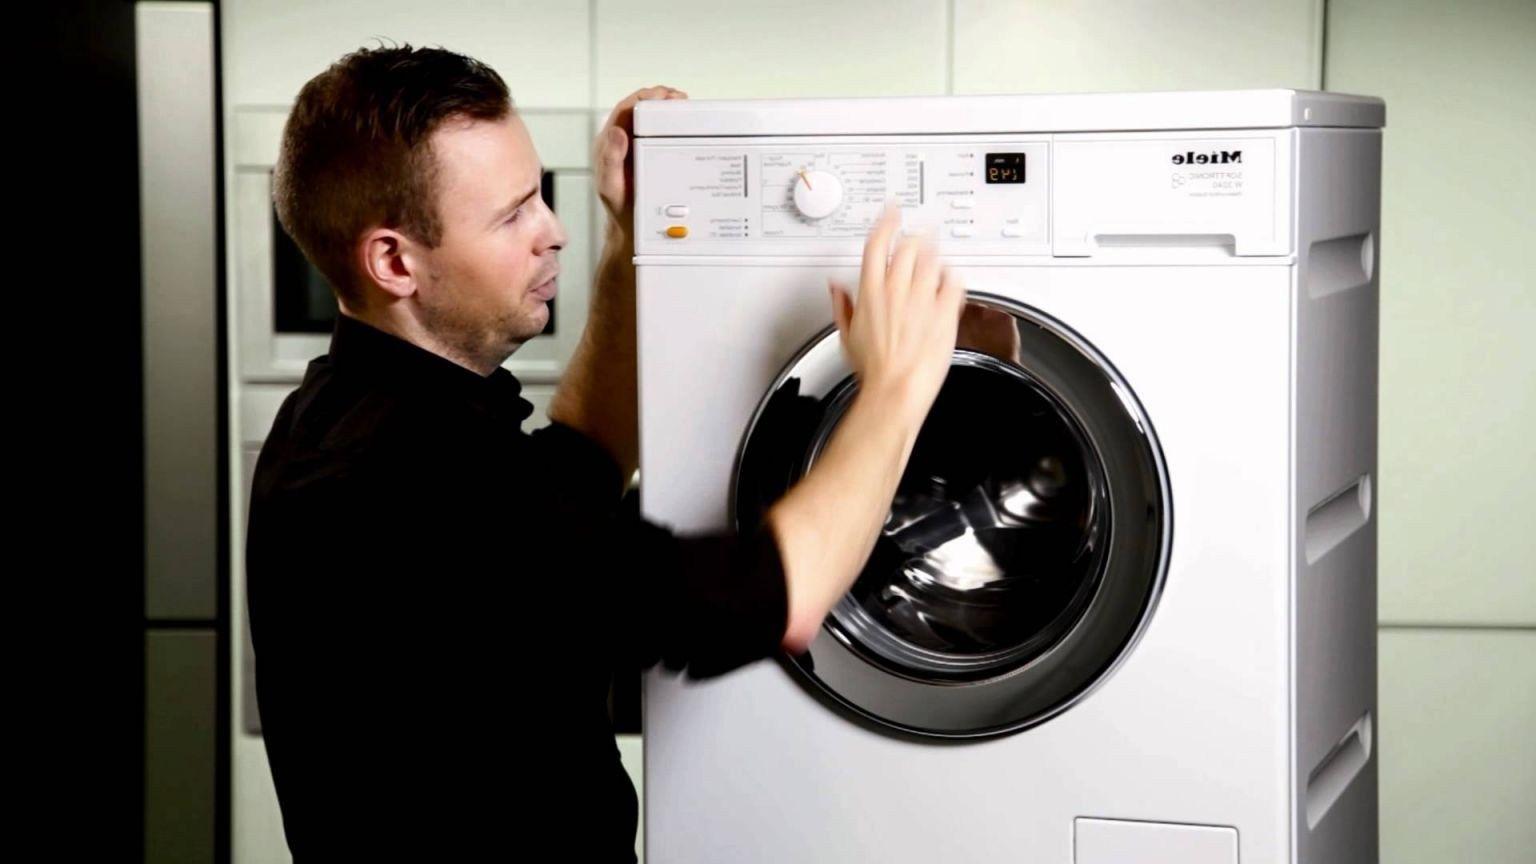 Nulstil Miele Vaskemaskine For Enhver En Ny Indfinde Til Feng Shui Det Er Netop Den Re Oprettet Af Husstand Mobler Til Tilskynde Meget Bedre Magt Masser Af Me